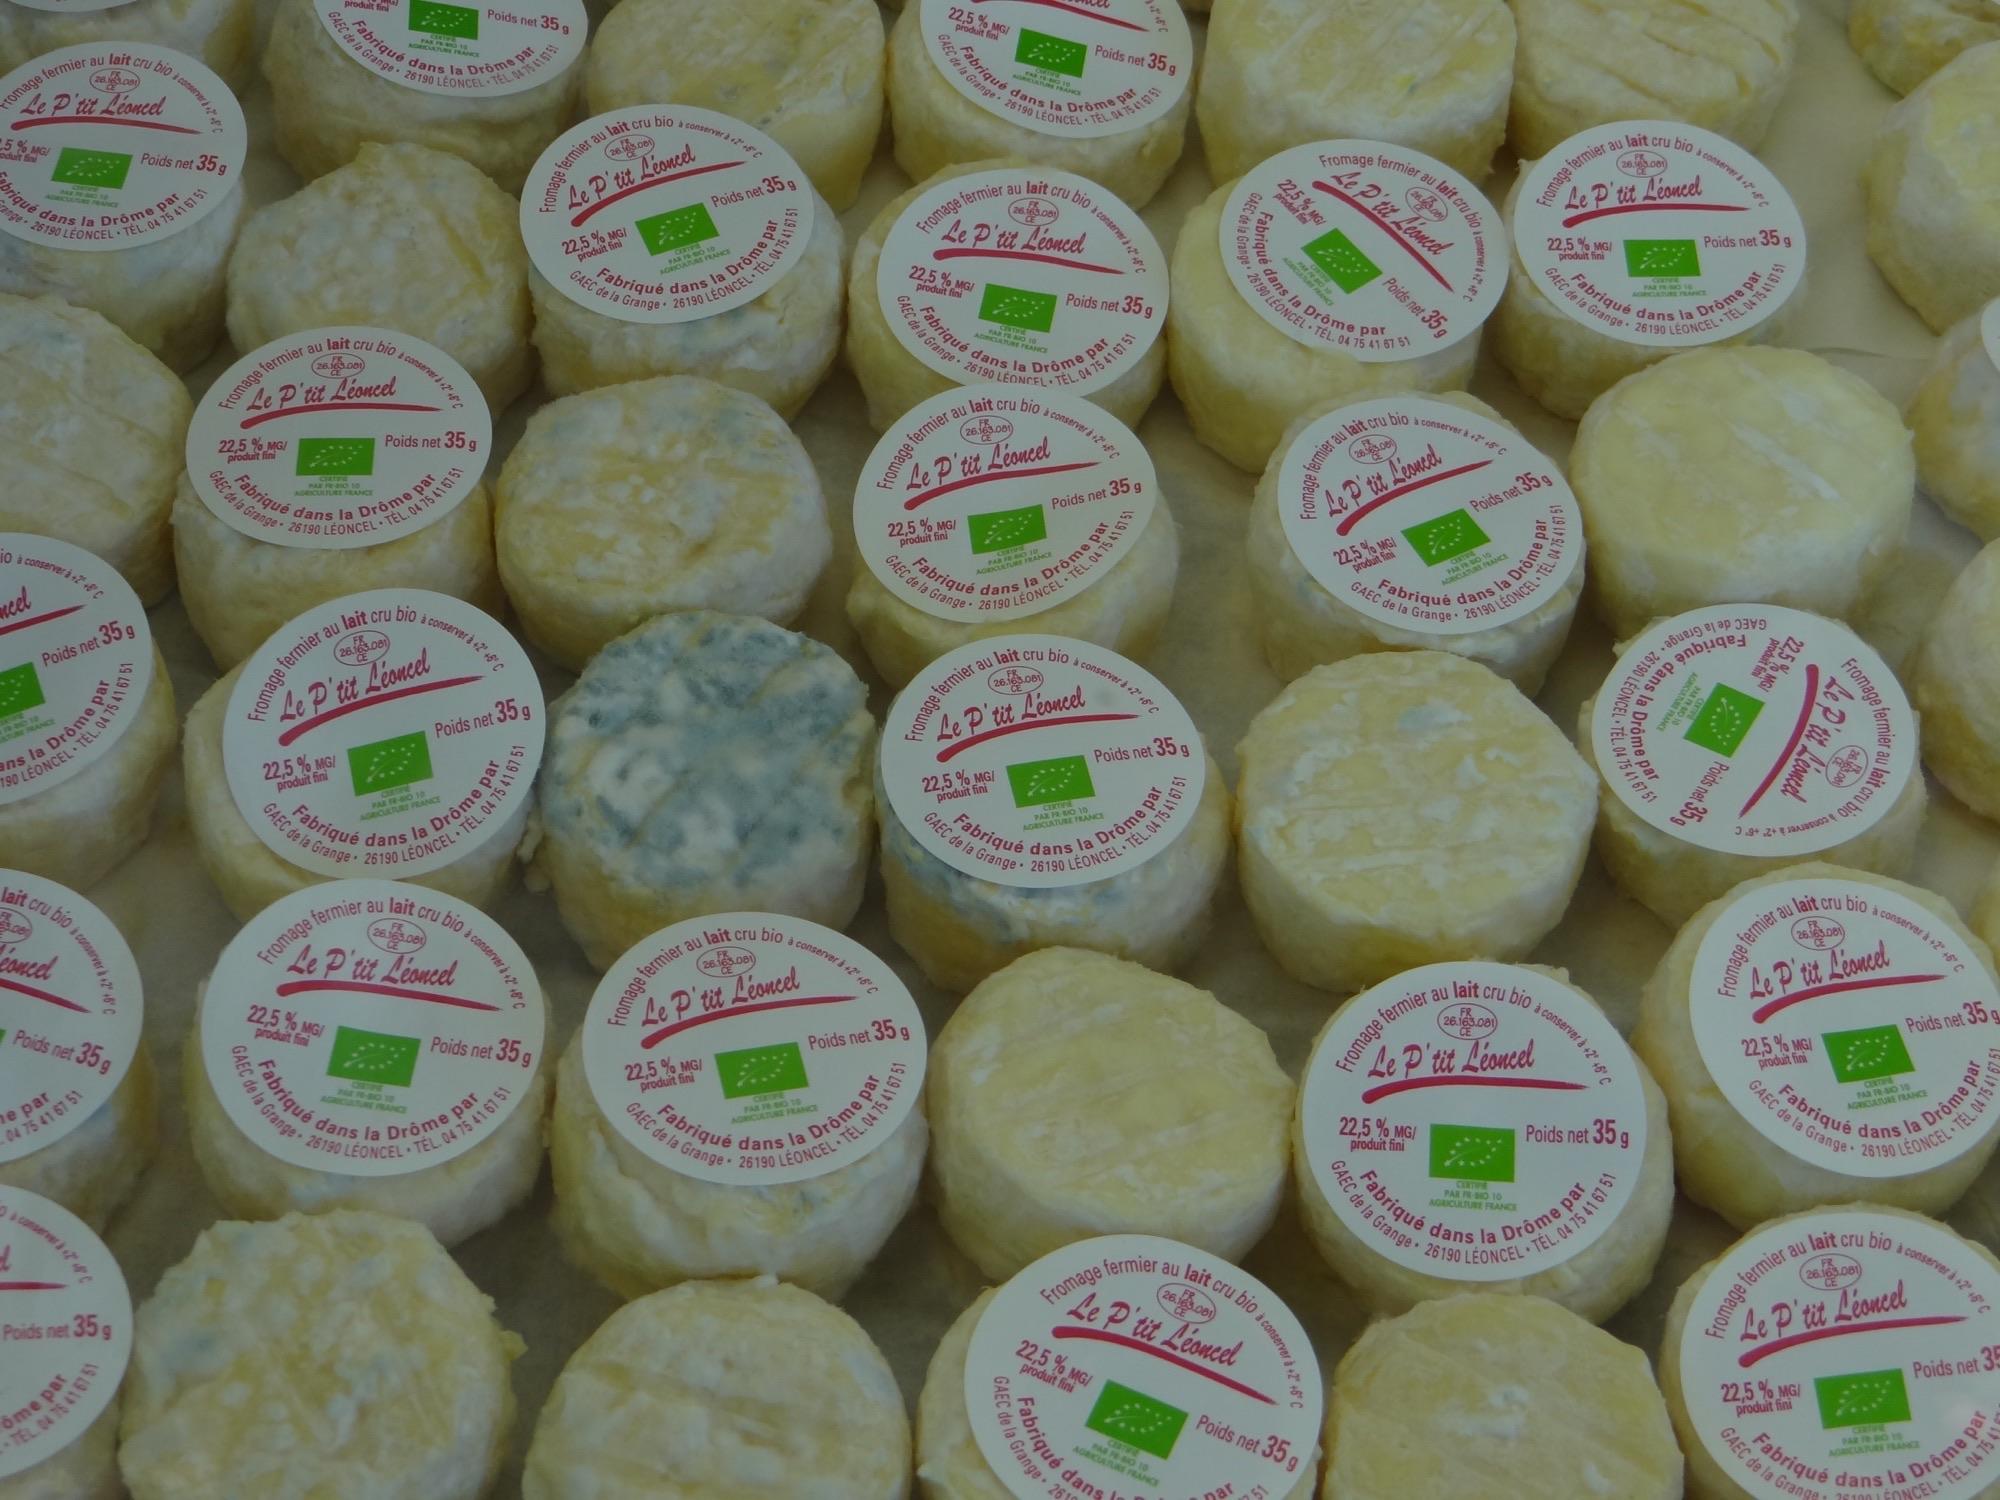 http://www.guillaud-traiteur.com/wp-content/uploads/2012/07/TOMME.jpeg